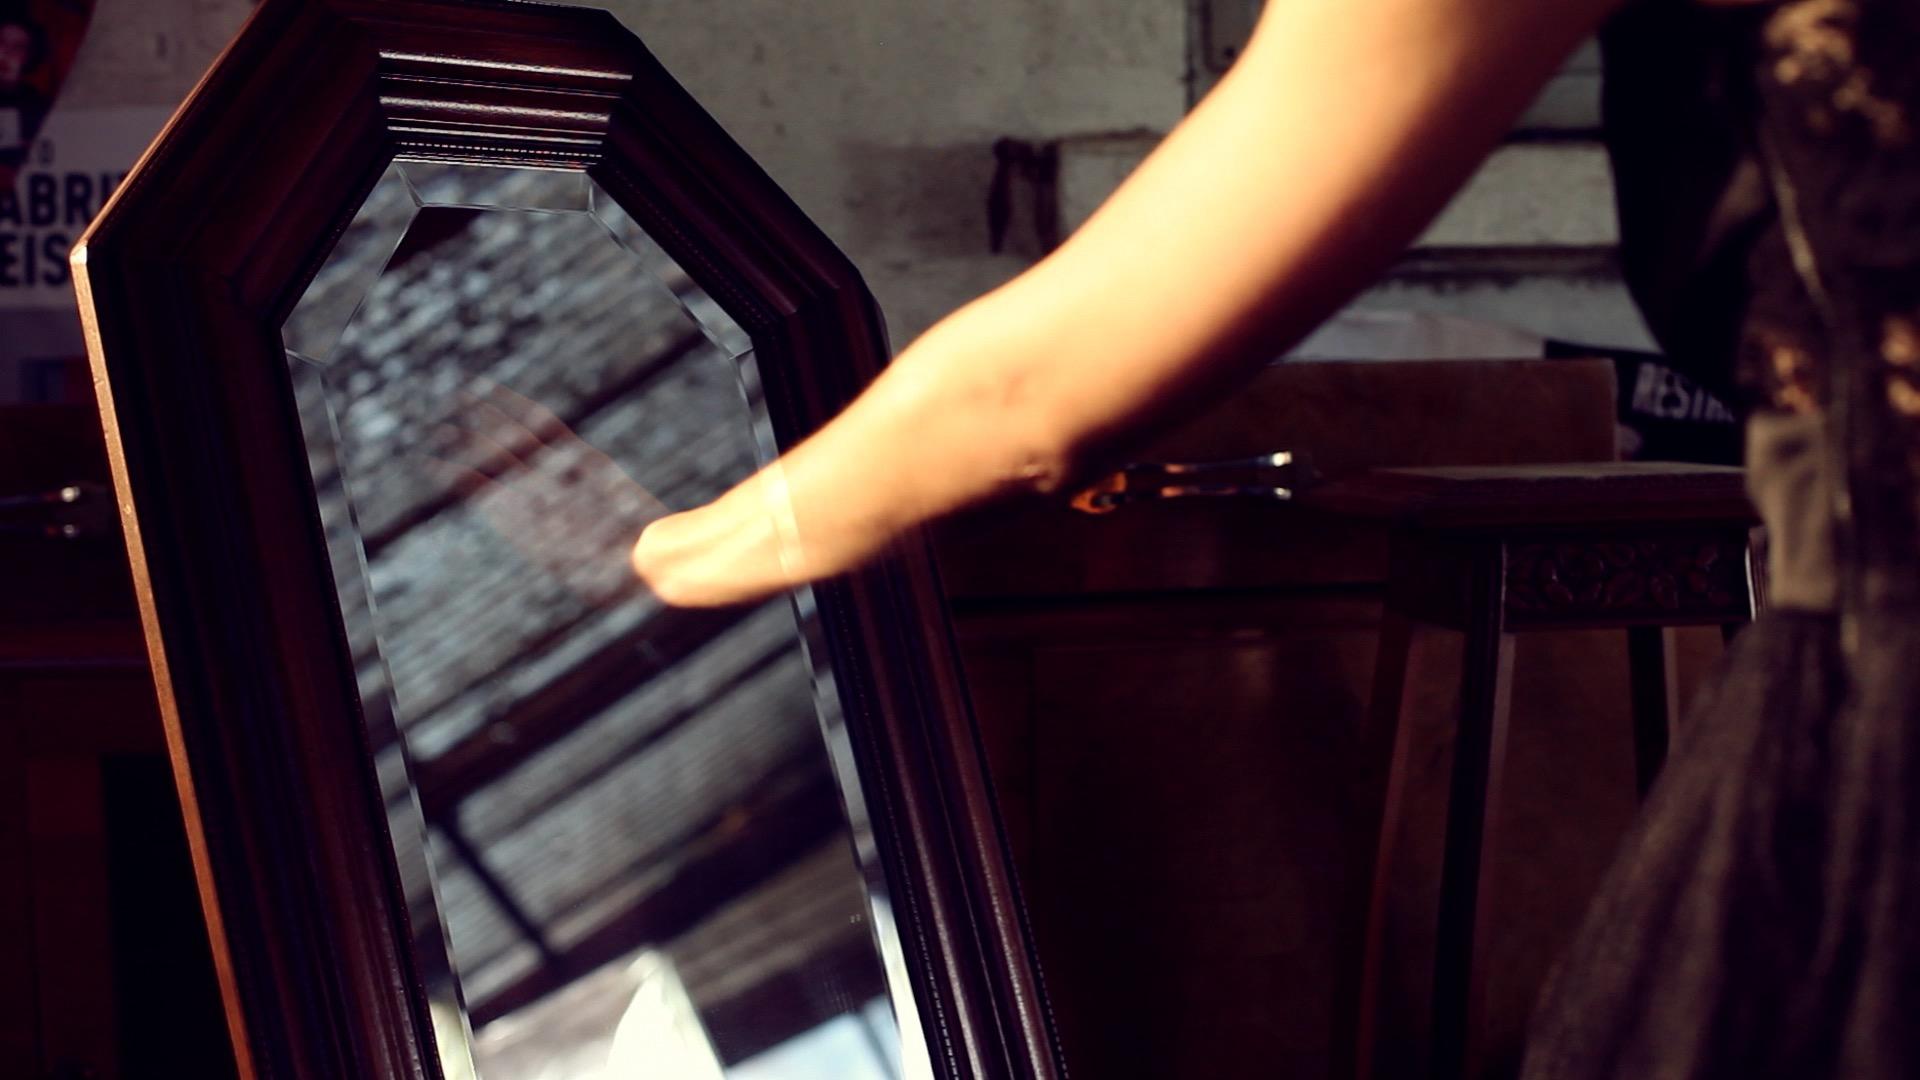 clip video musique – miroir 1 effets spéciaux composirig clip – Juste en rêvant – Manon Novak -viviane -riberaigua -realisateur music video director.